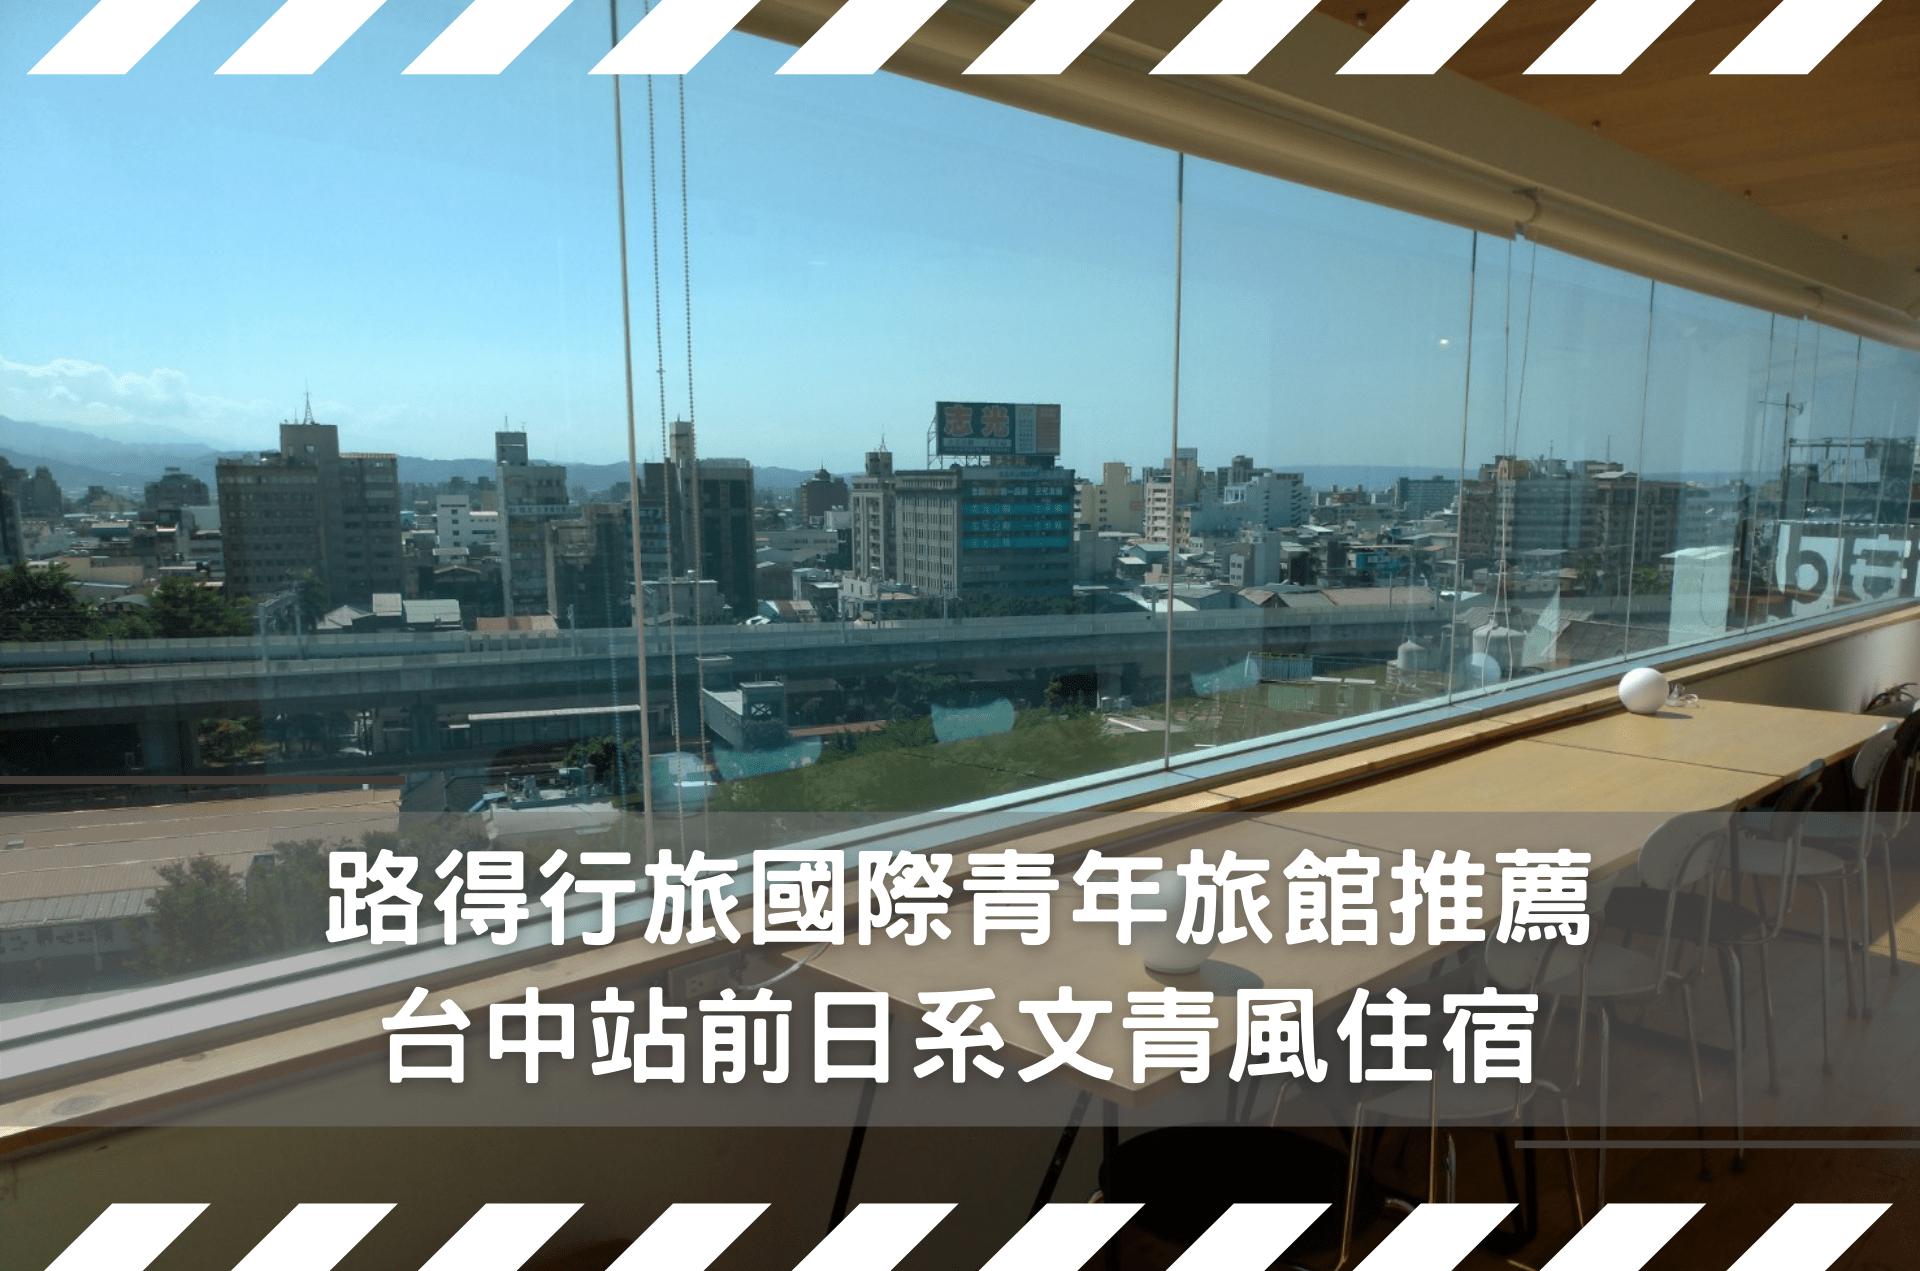 路得行旅國際青年旅館推薦|台中站前日系文青風住宿